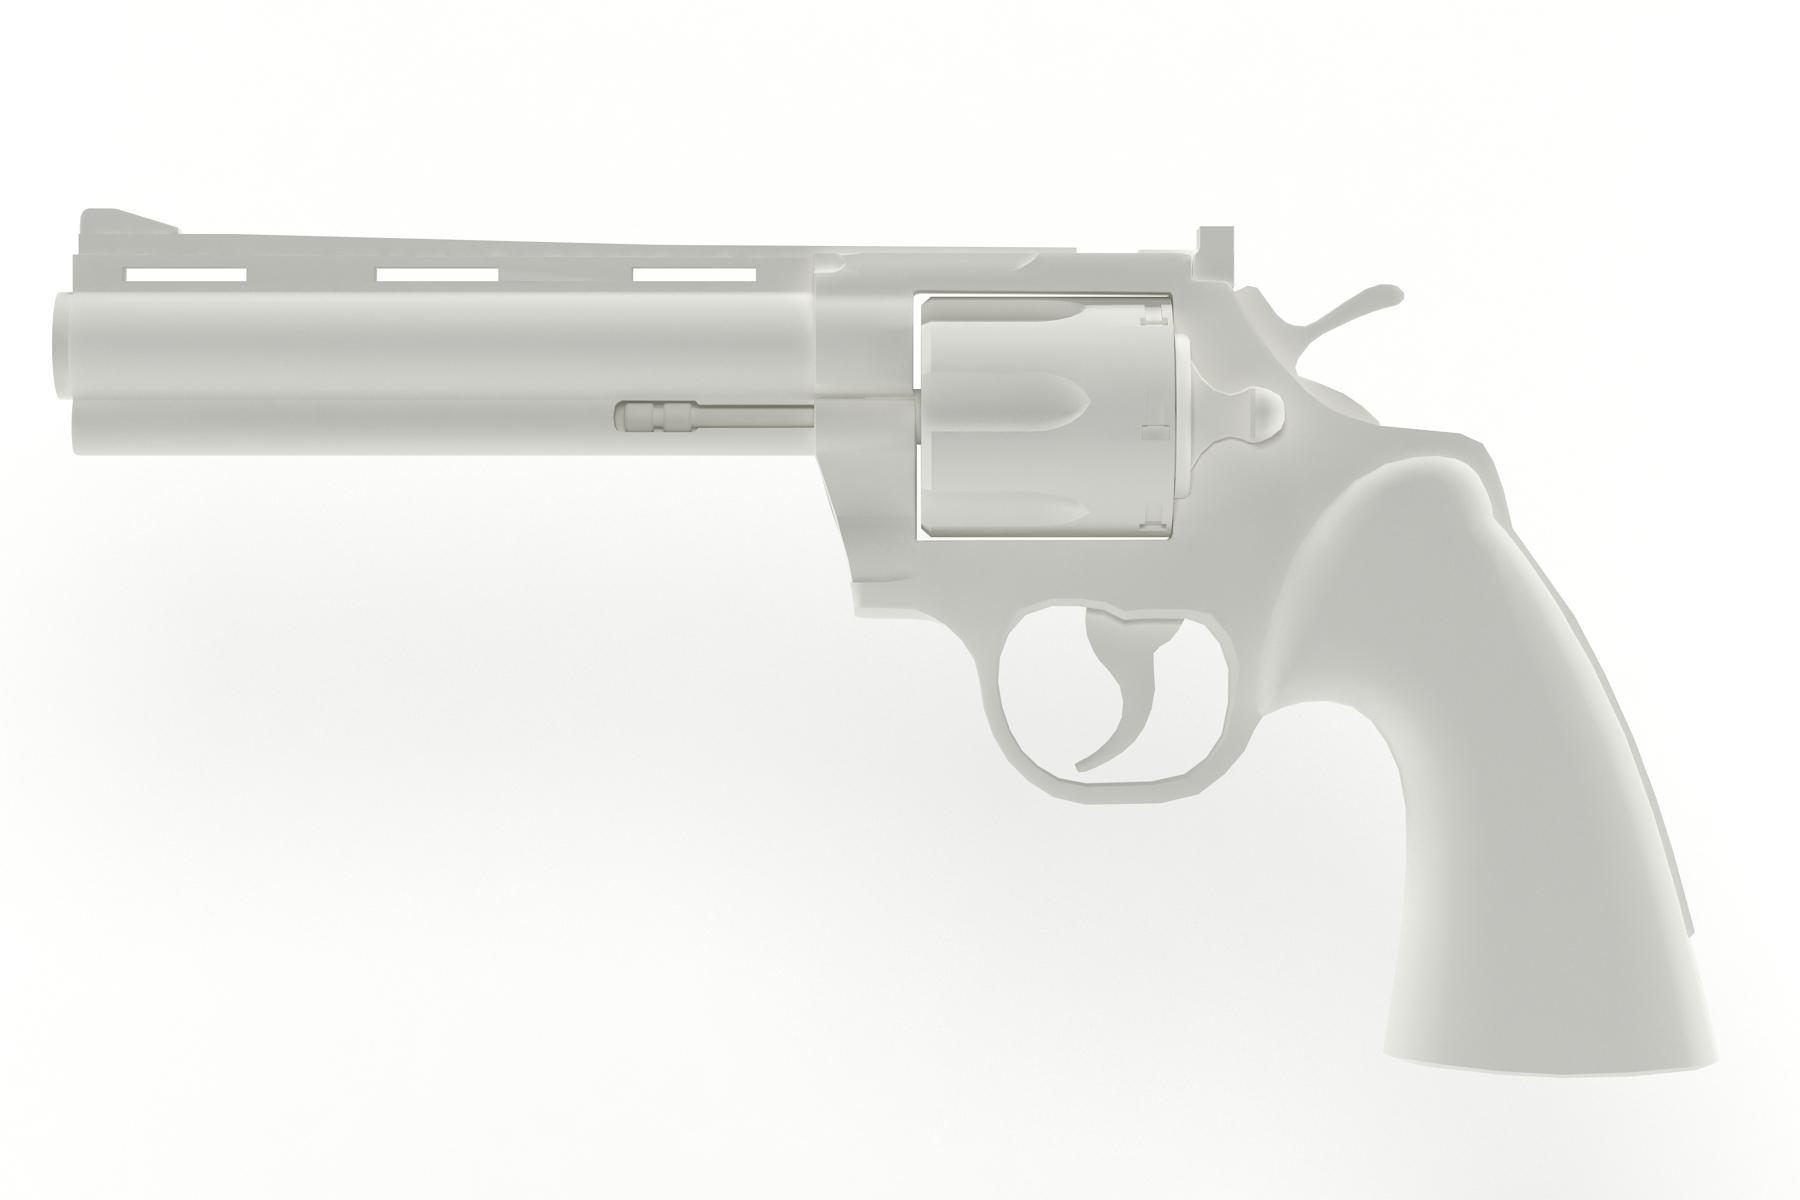 C9015fc4a7